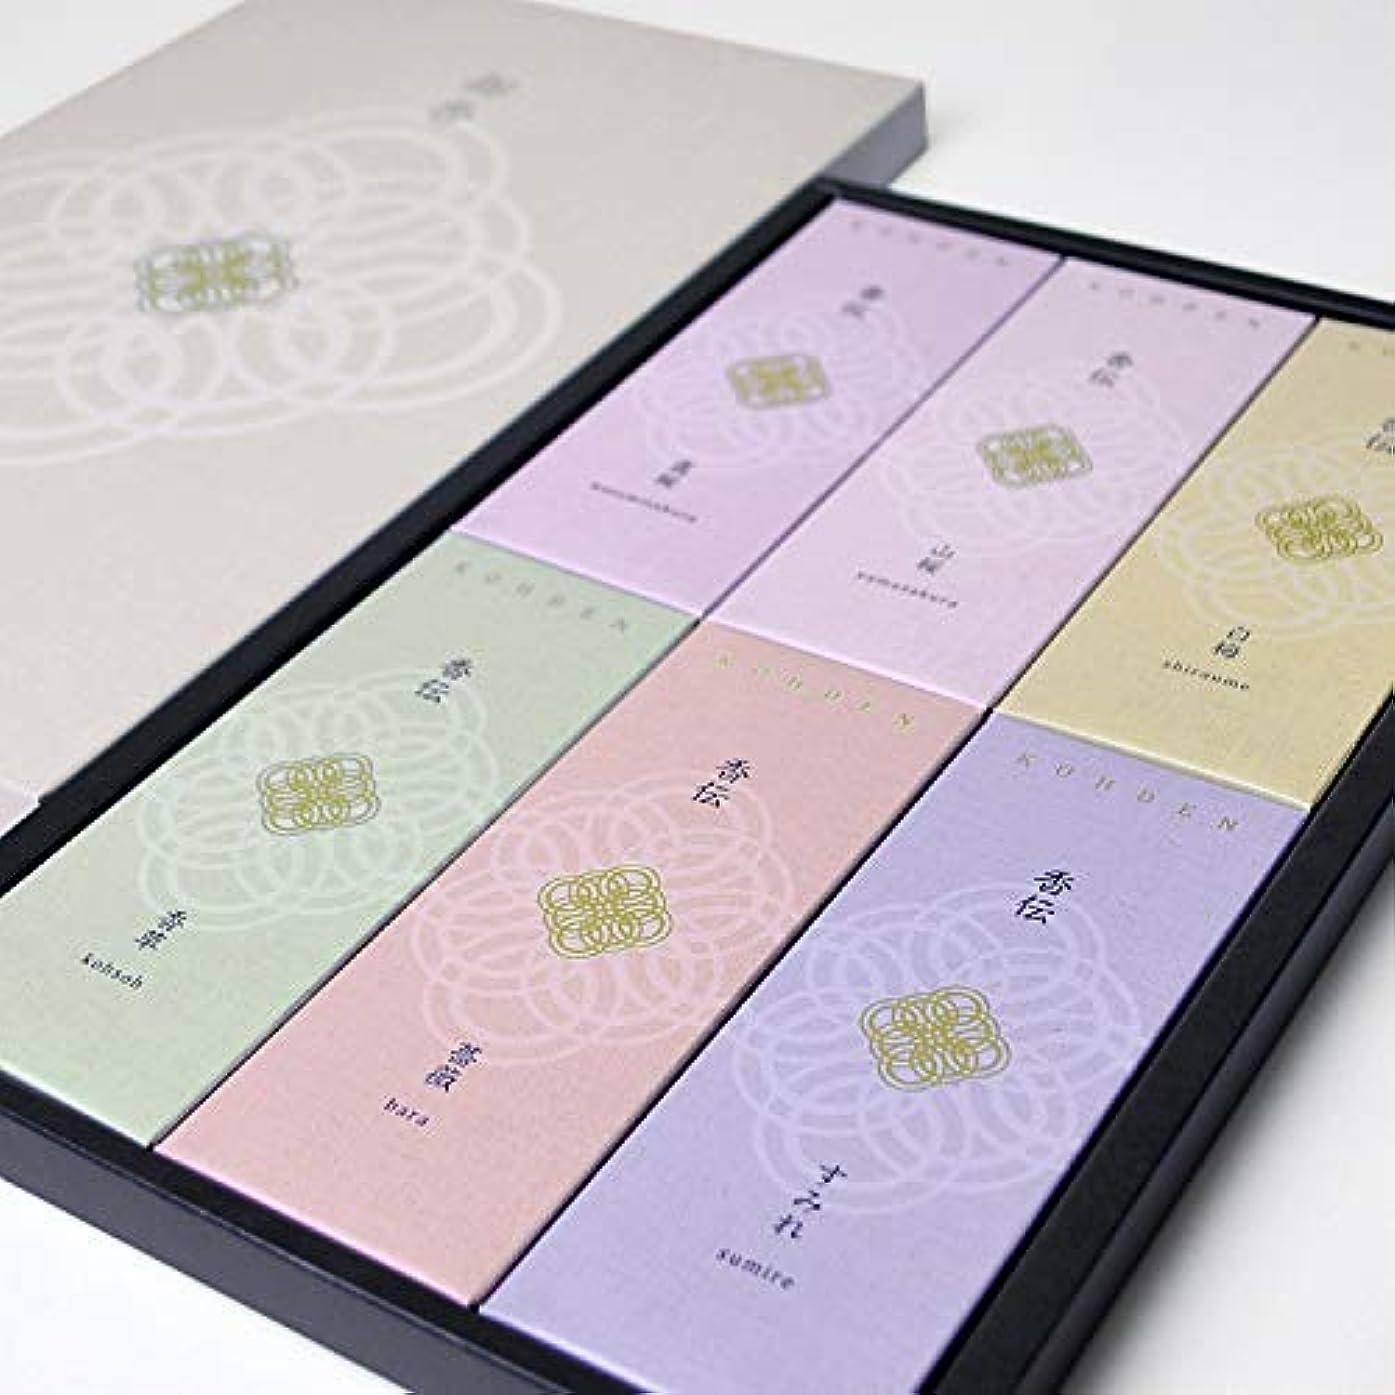 安定した反対独立(ポストに投函できる進物用)日本香堂 香伝 花の香り 線香6種類 1セット